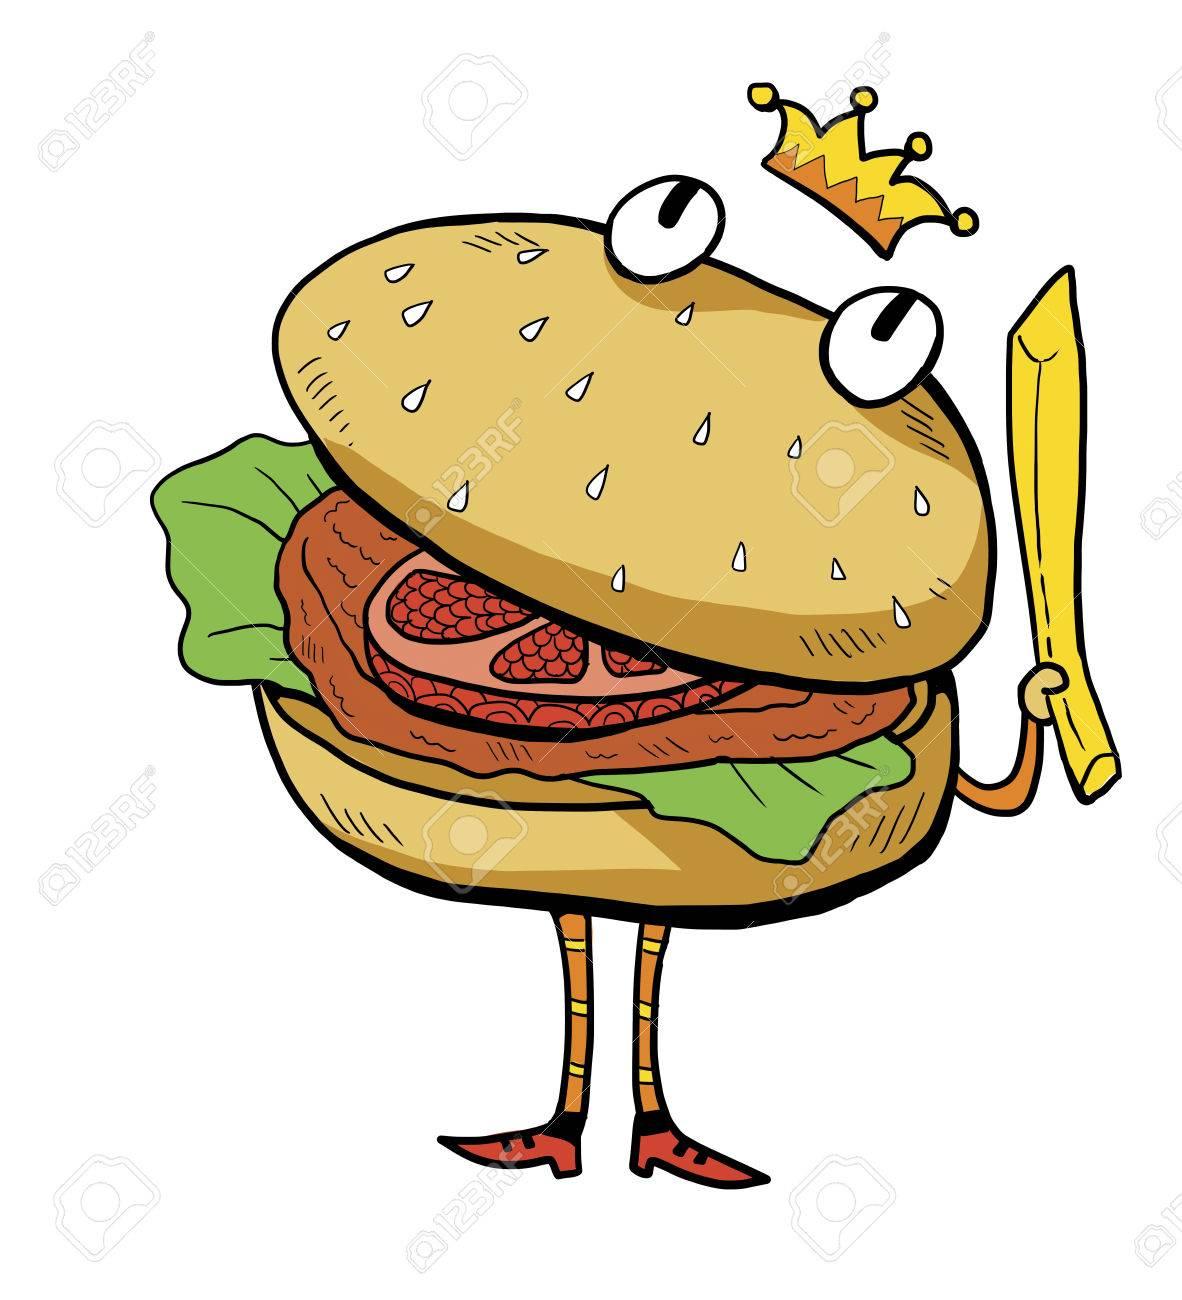 """Résultat de recherche d'images pour """"burger dessin"""""""